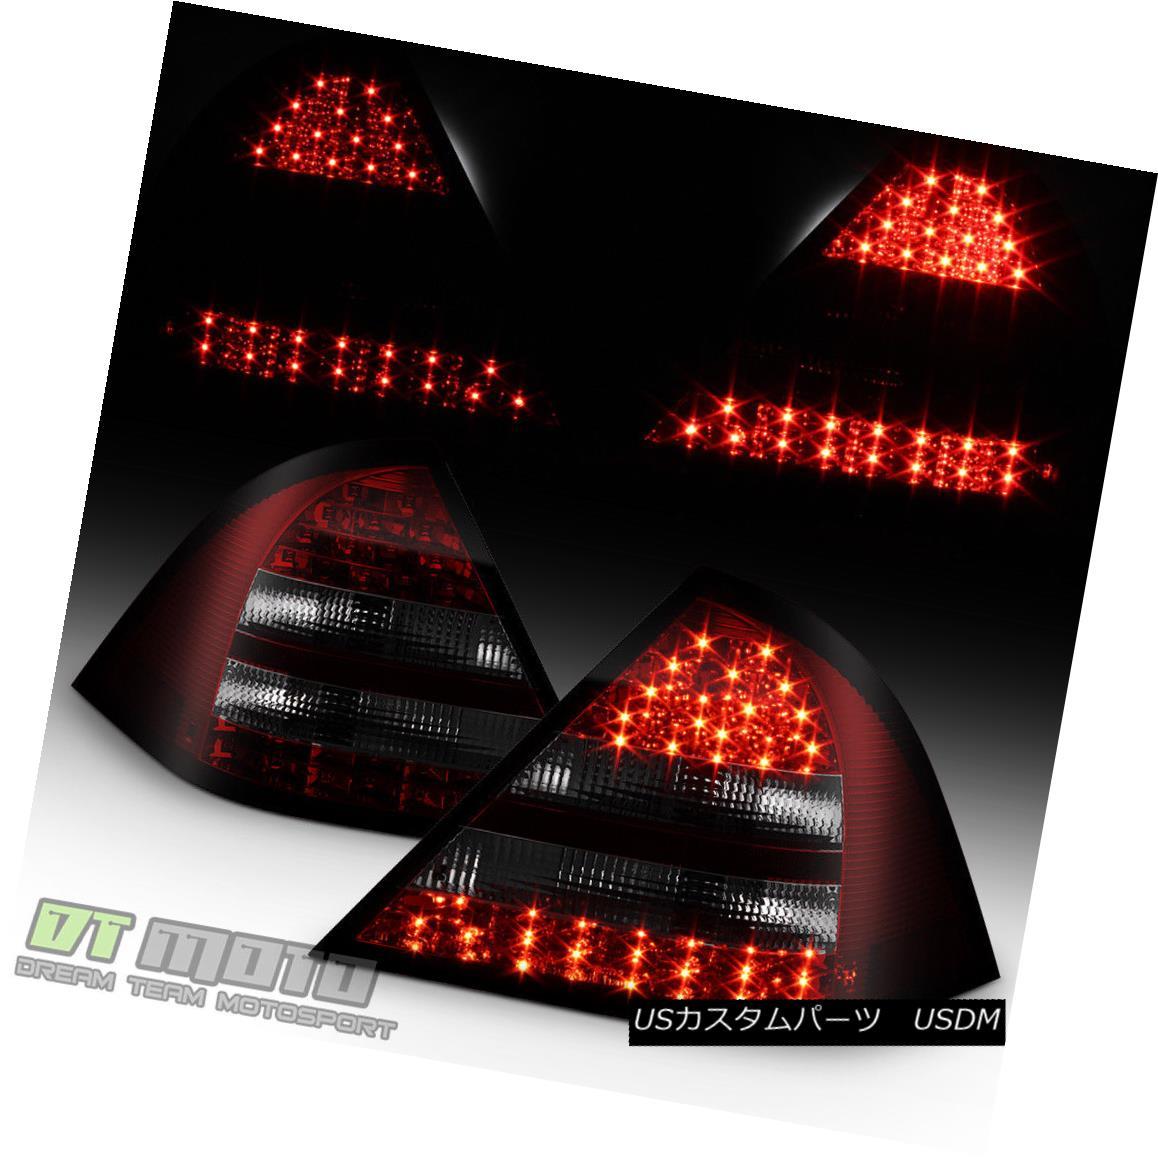 テールライト Red Smoked 2001-2004 Mercedes Benz W203 C-Class LED Tail Lights Lamps sets 01-05 レッドスモーク2001-2004メルセデスベンツW203 CクラスLEDテールライトランプ01-05